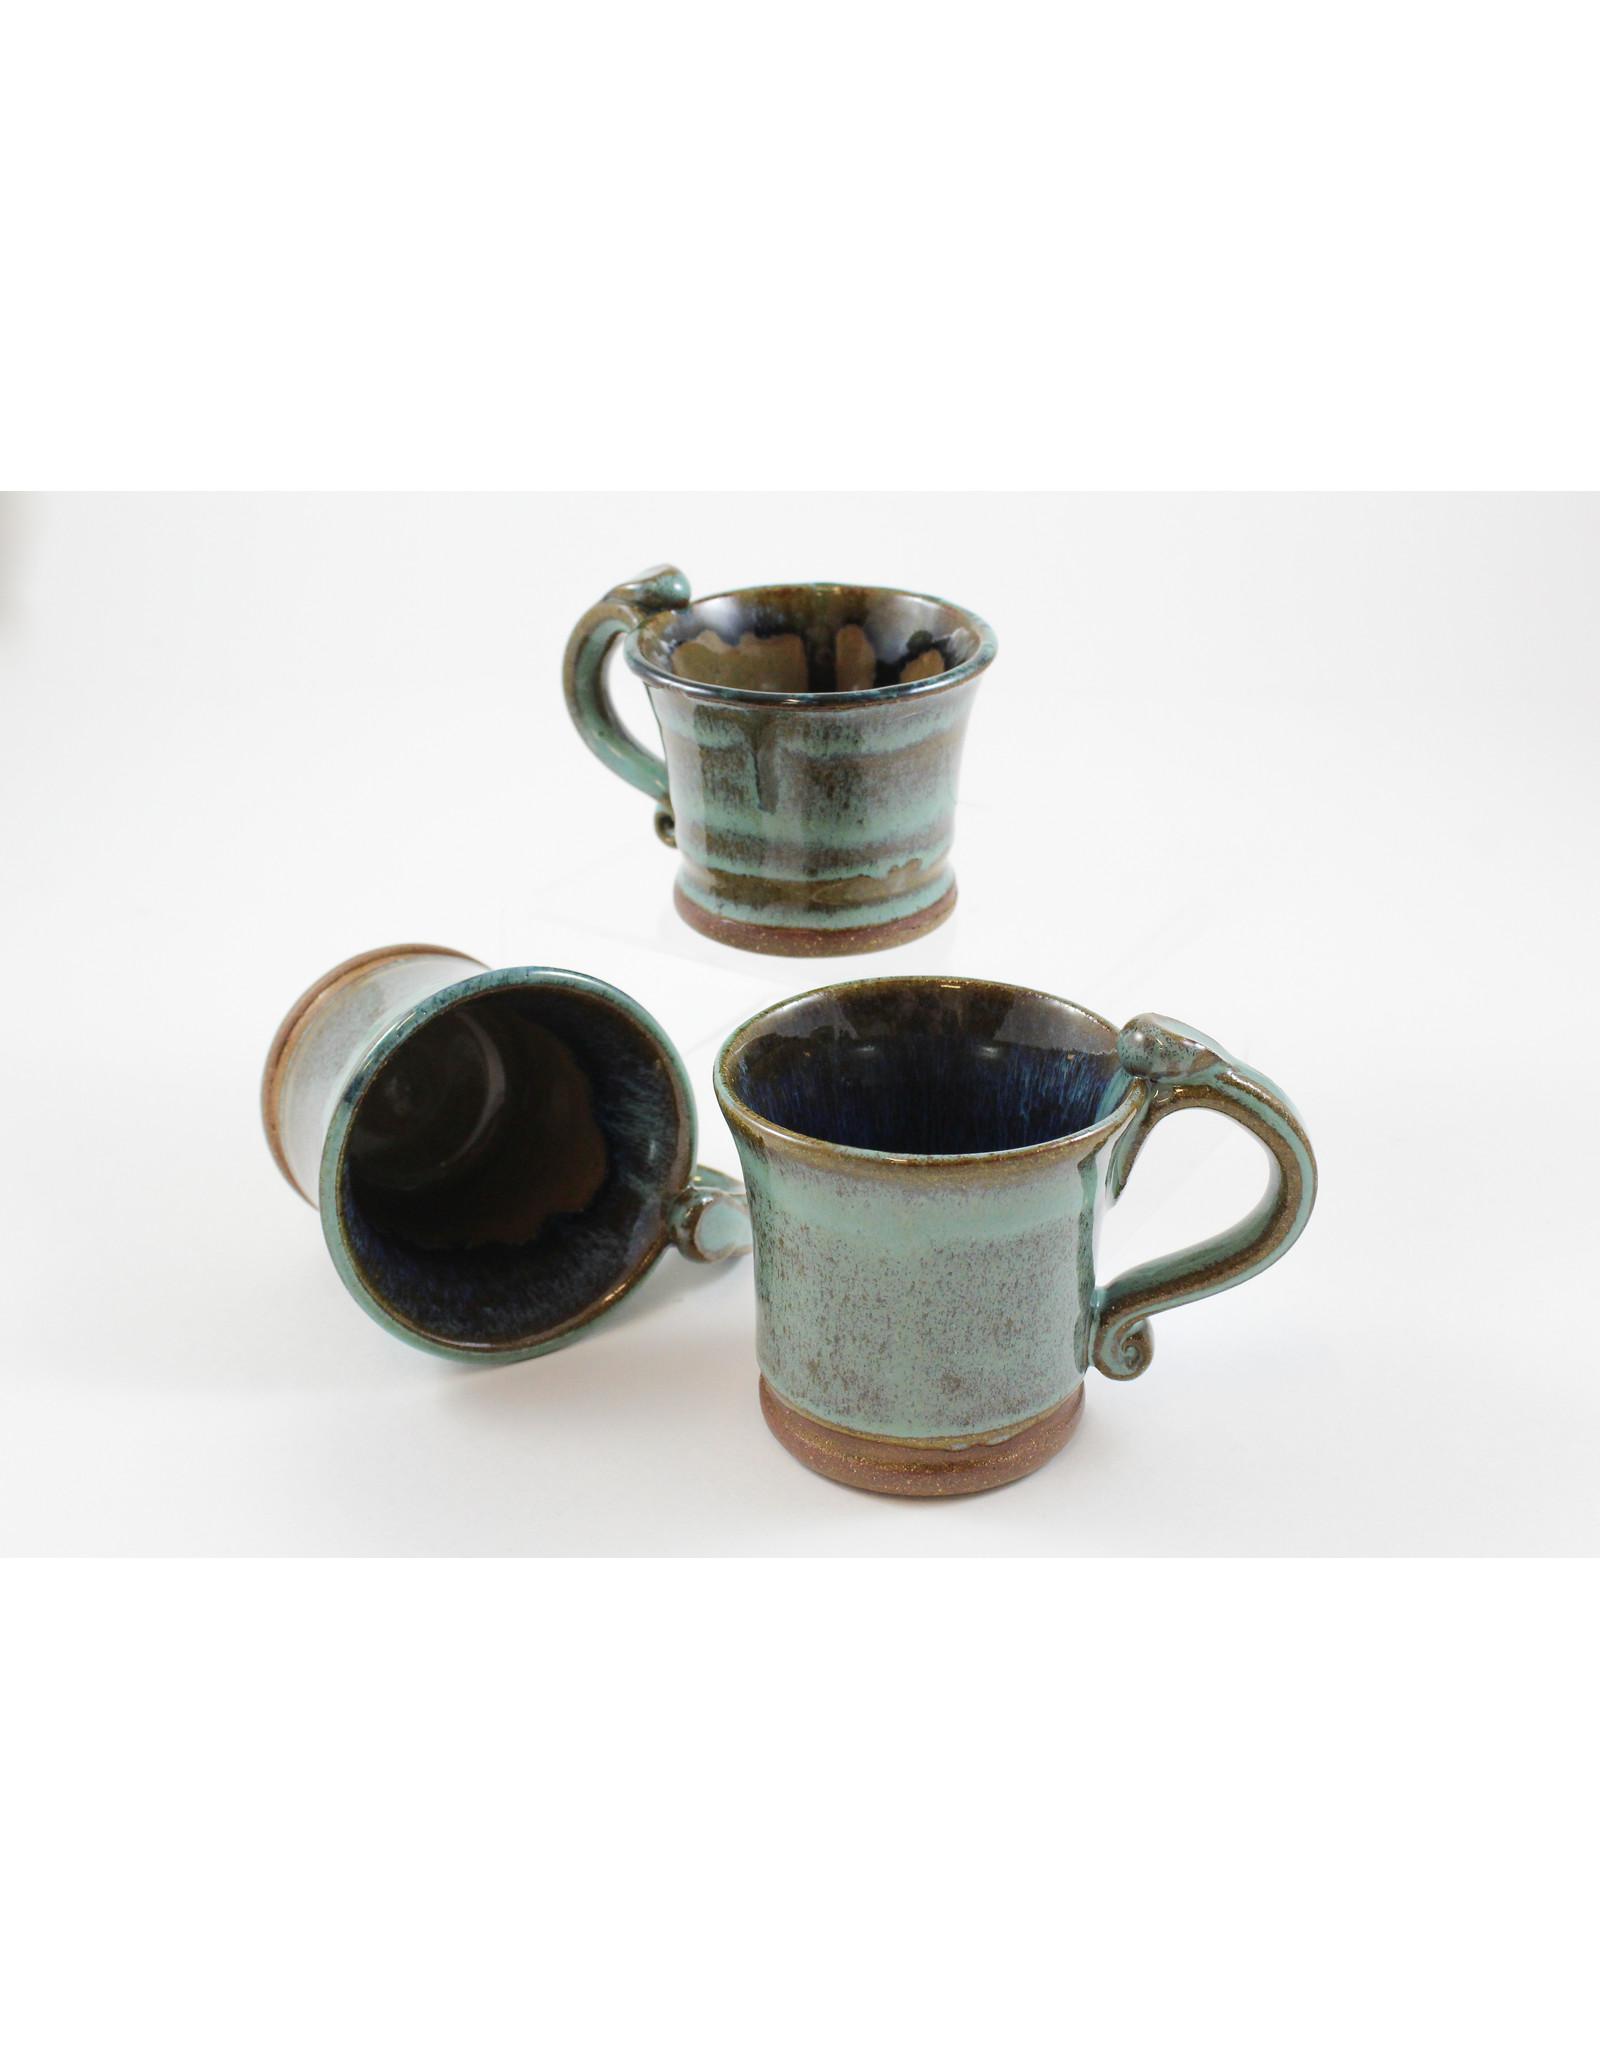 Jitka Zgola Espresso Cups by Jitka Zgola